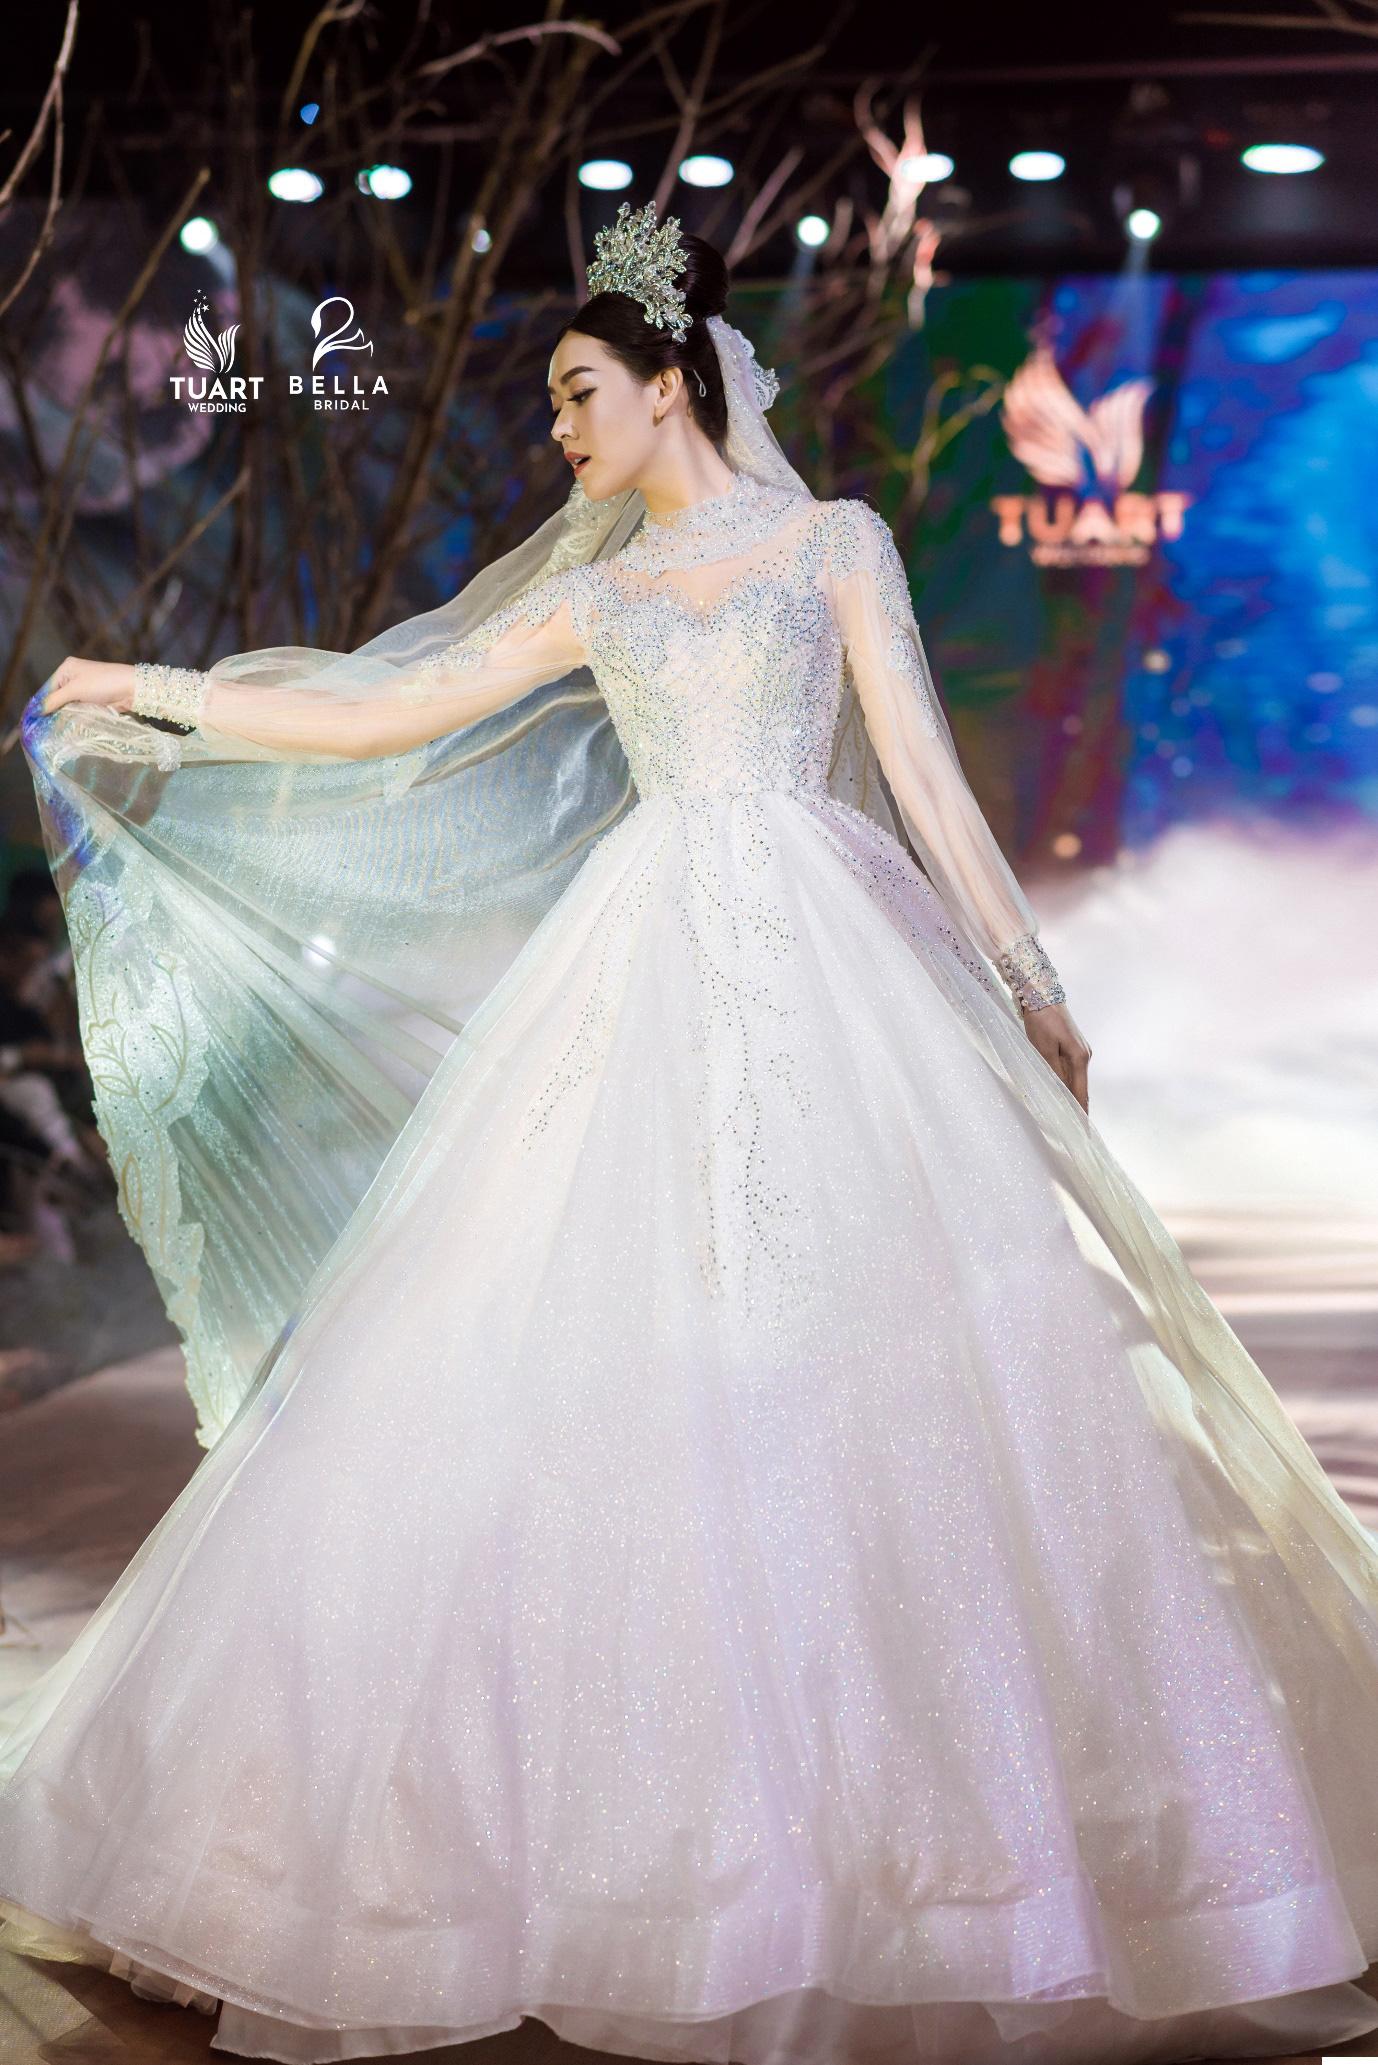 Á hậu Tường San, người mẫu một tay Hà Phương thu hút mọi ánh nhìn trong show diễn váy cưới đỉnh cao Bella Fashion Show - Ảnh 5.